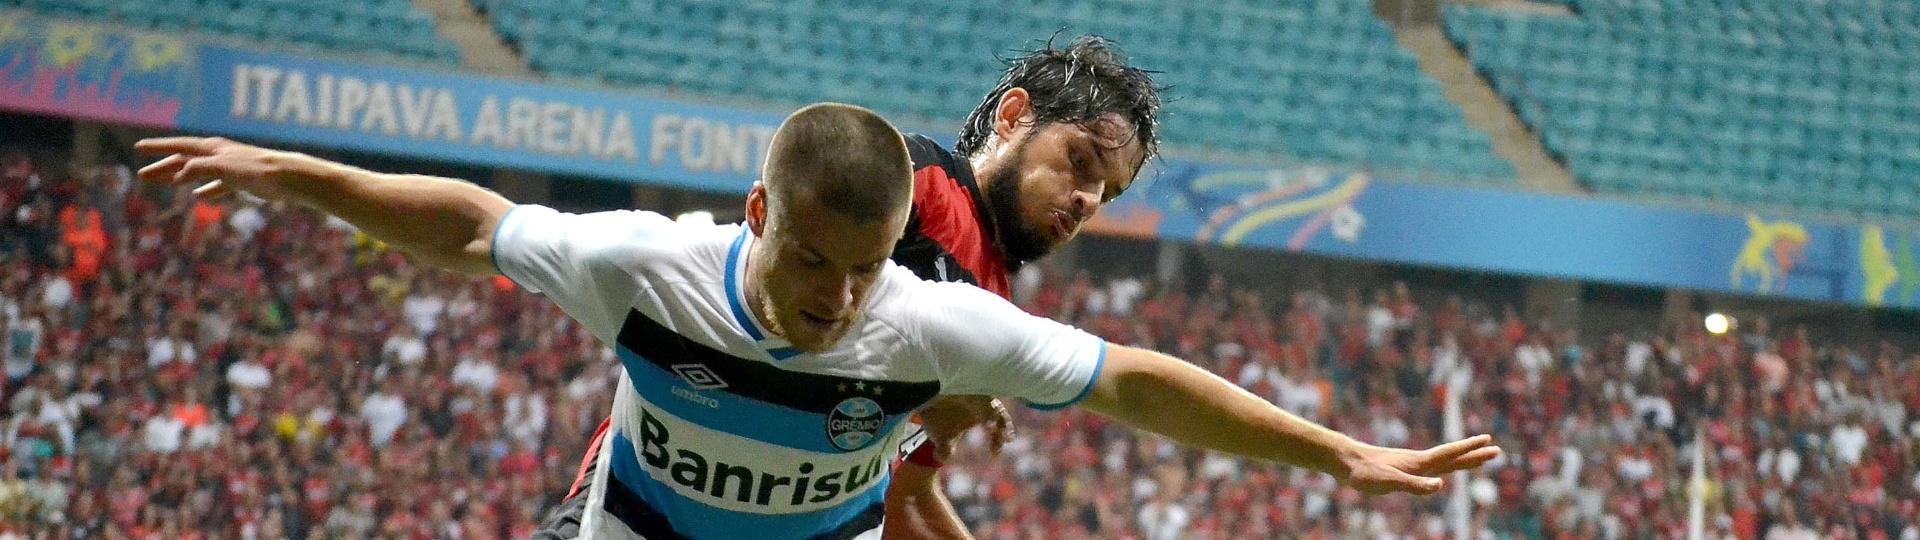 Ramiro, do Grêmio, protege a bola no duelo contra o Vitória